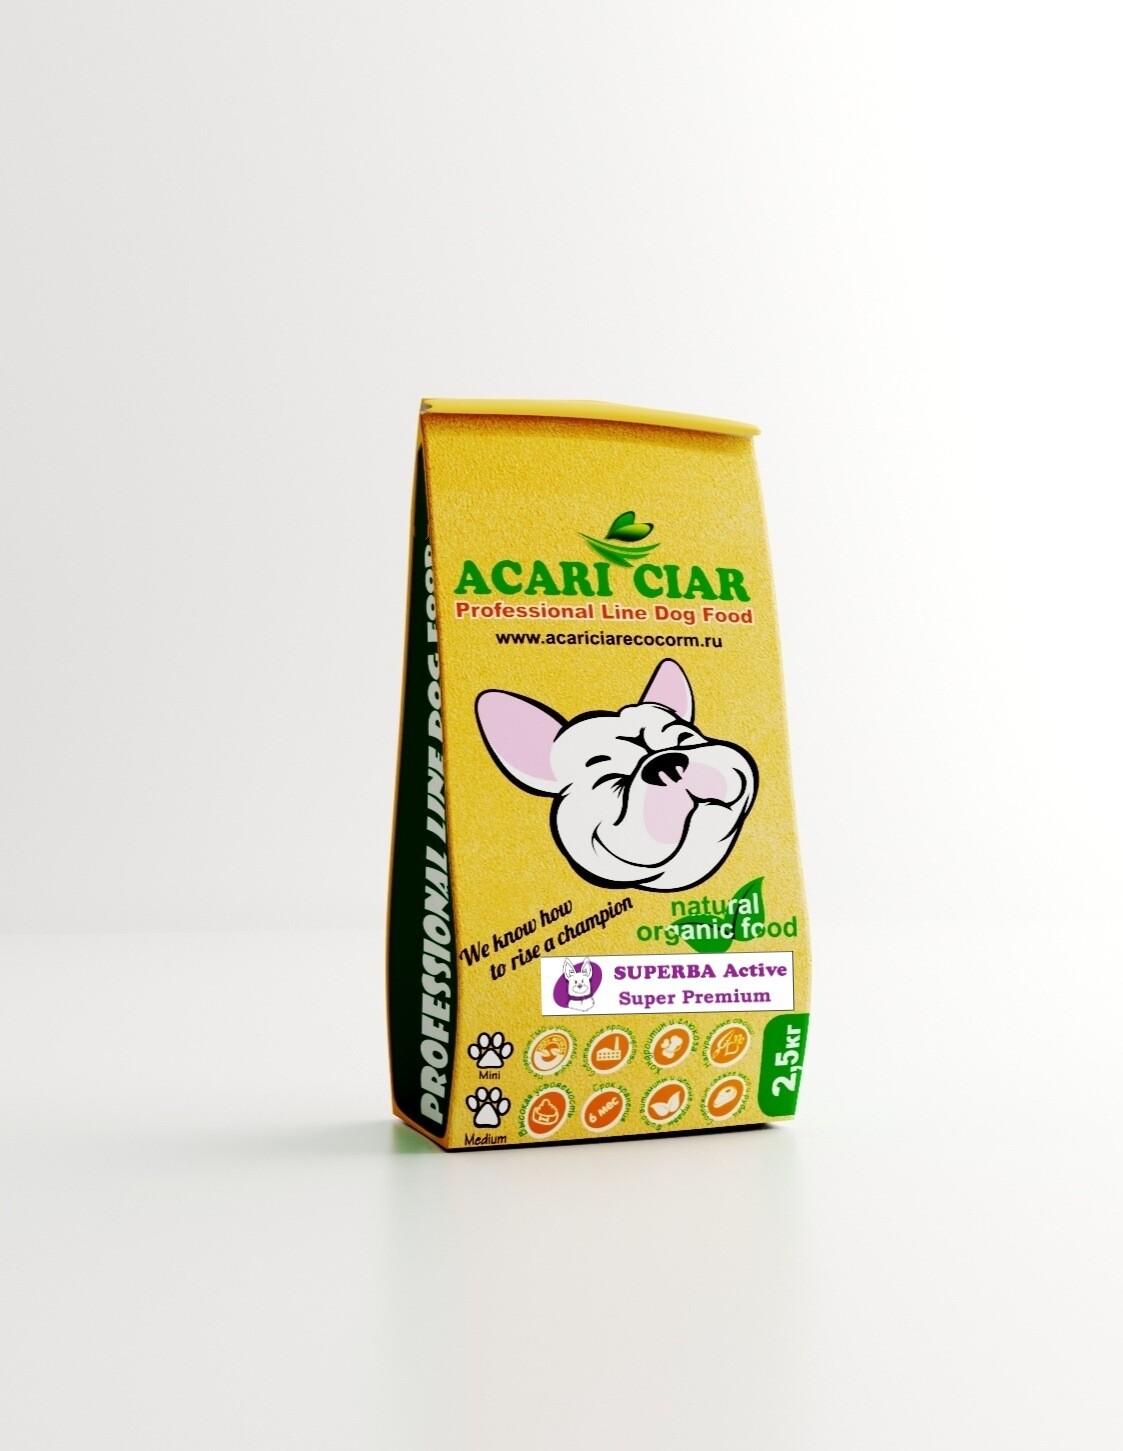 Акари Киар Суперба актив медиум гранула корм для собак